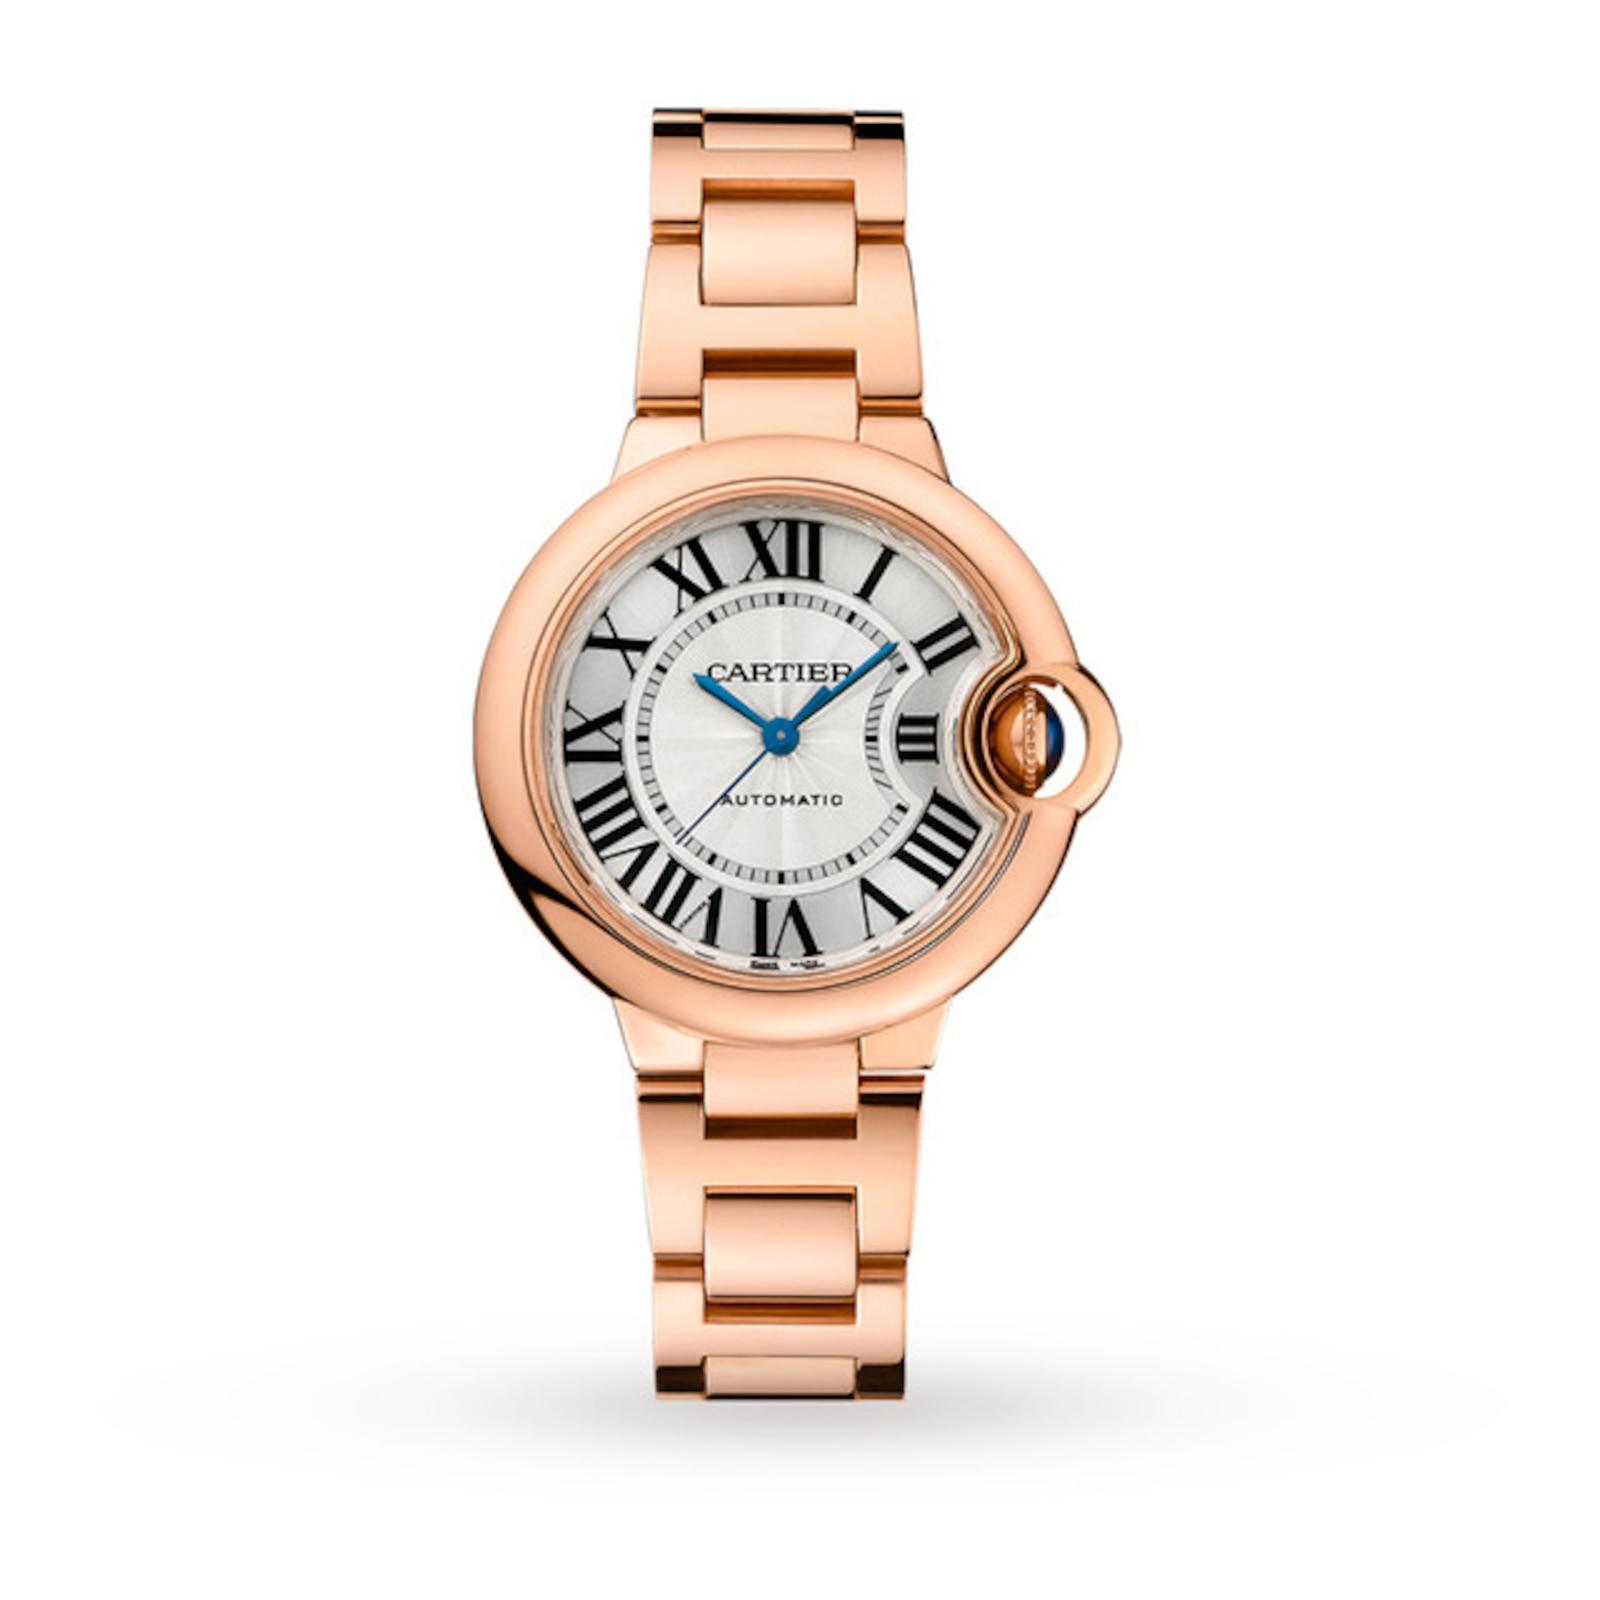 Cartier Ballon Bleu de Cartier watch 33 mm, rose gold